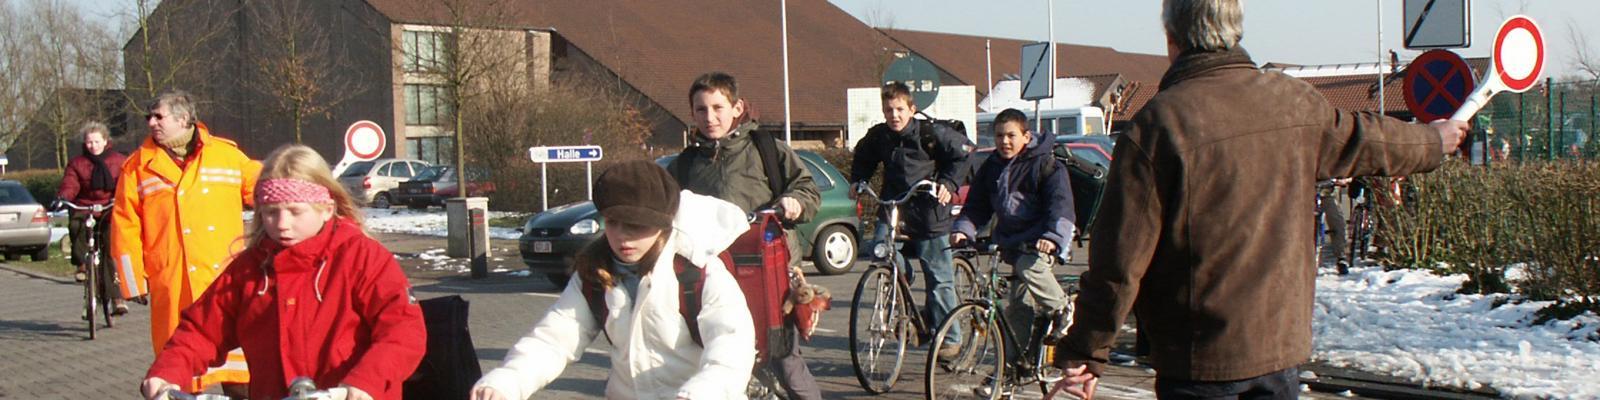 gemachtigde opzichters helpen kinderen veilig oversteken aan de gemeentelijke basisschool Beuk en Noot